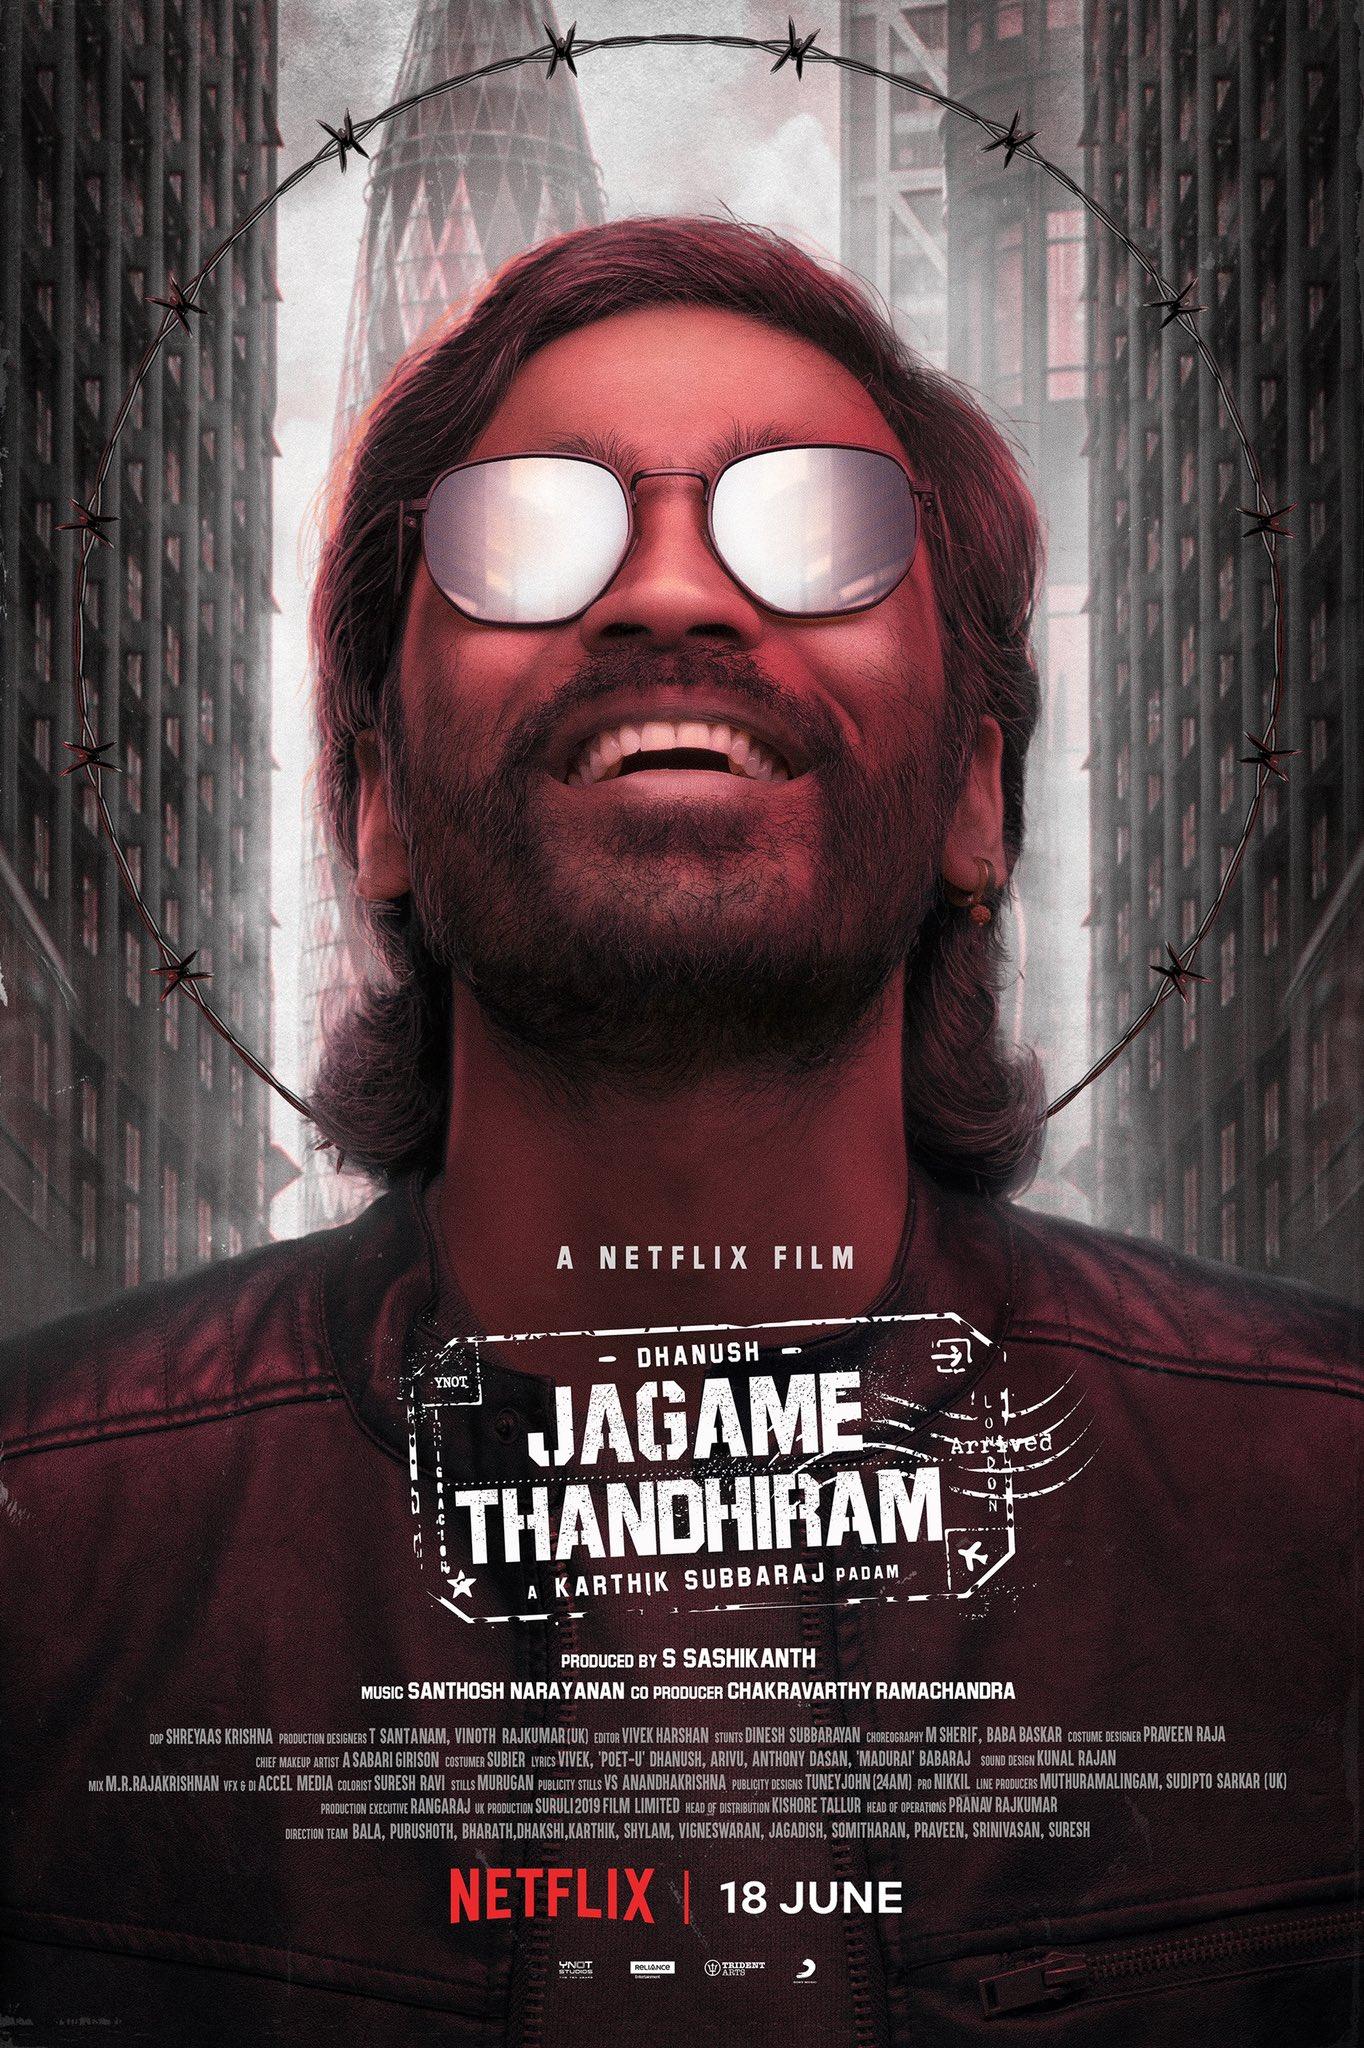 Jagame Thandhiram (2021) HDRip Hindi Full Movie Watch Online Free